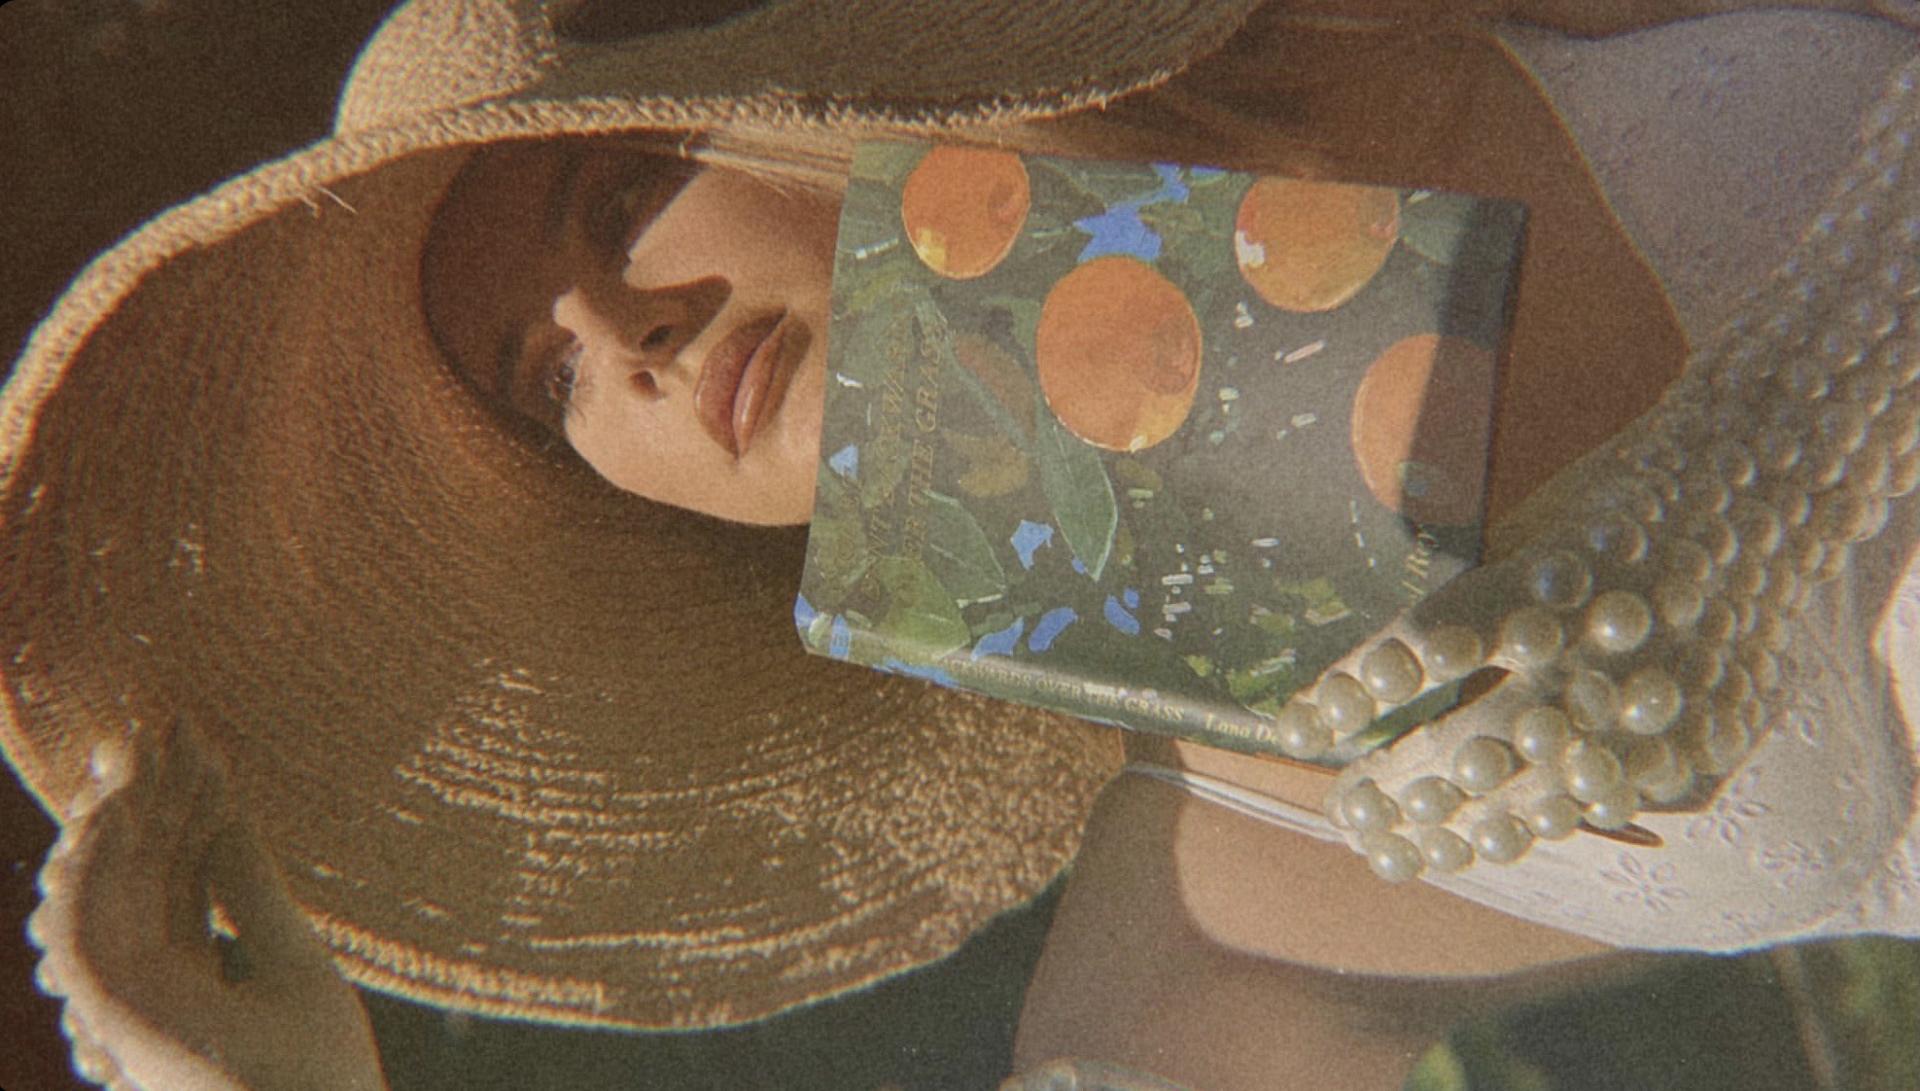 Lana Del Rey imprime melancolía en su libro de poemas